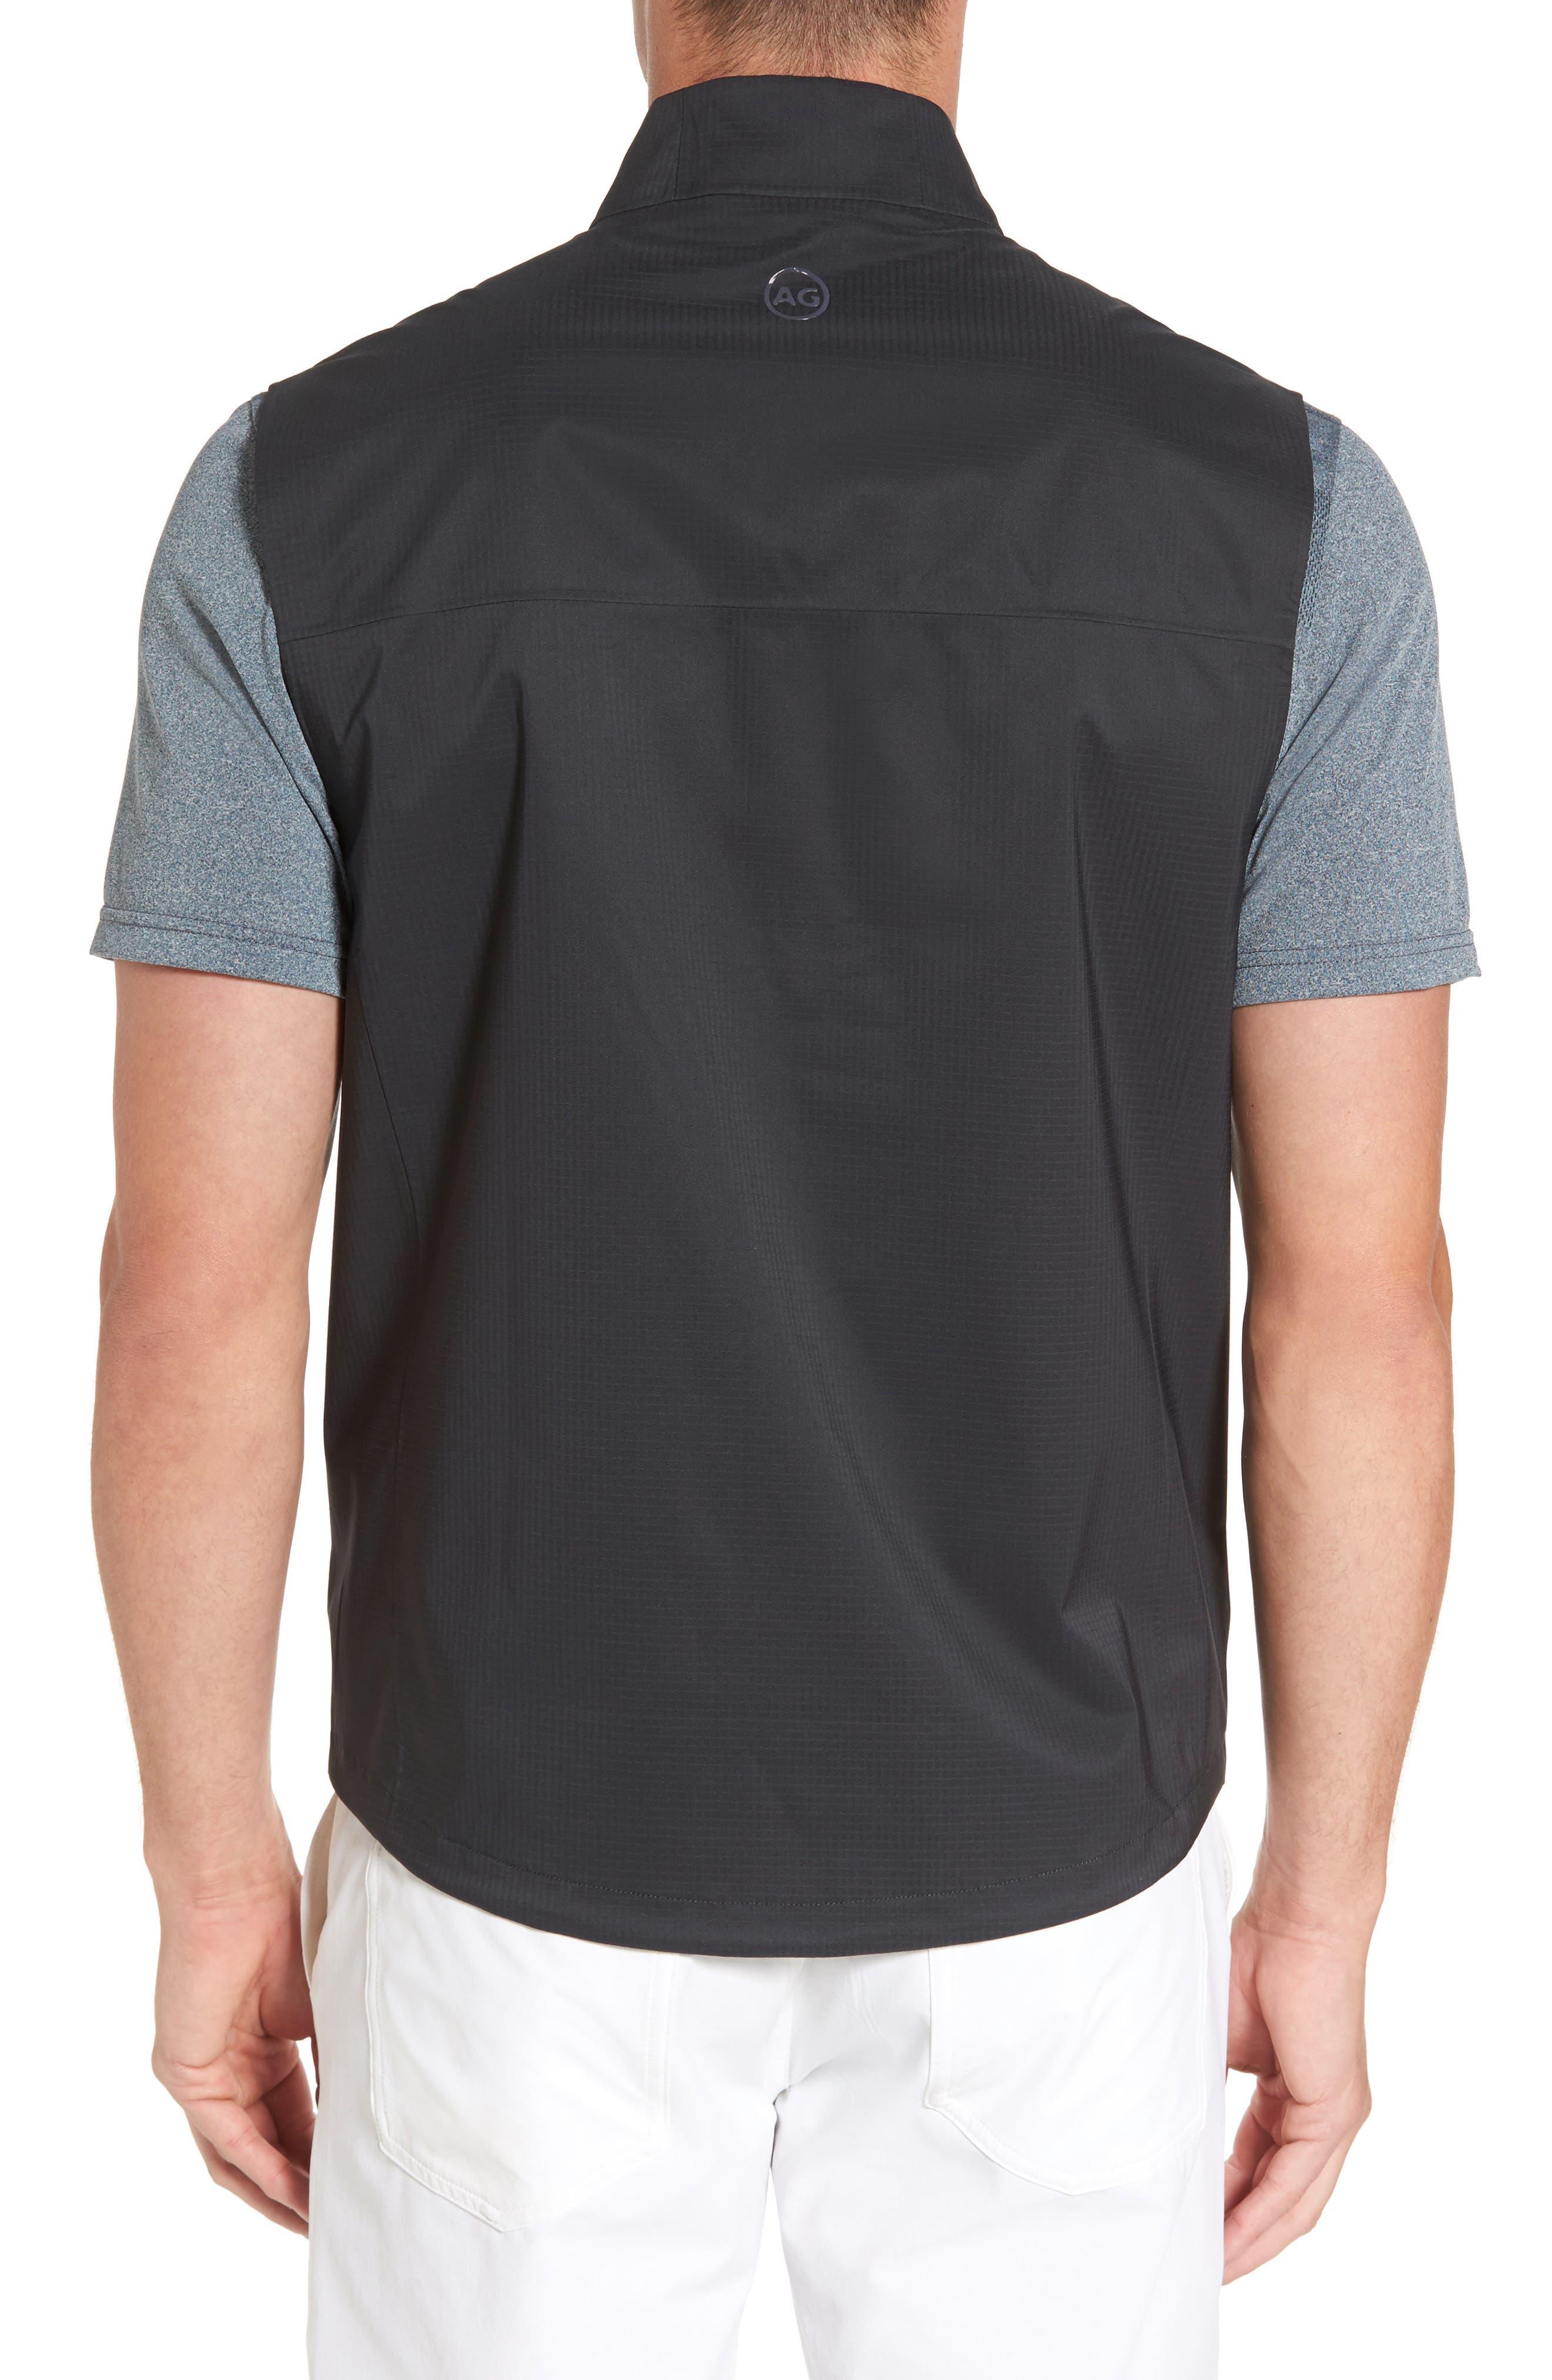 Alternate Image 2  - AG Newton Ripstop Vest